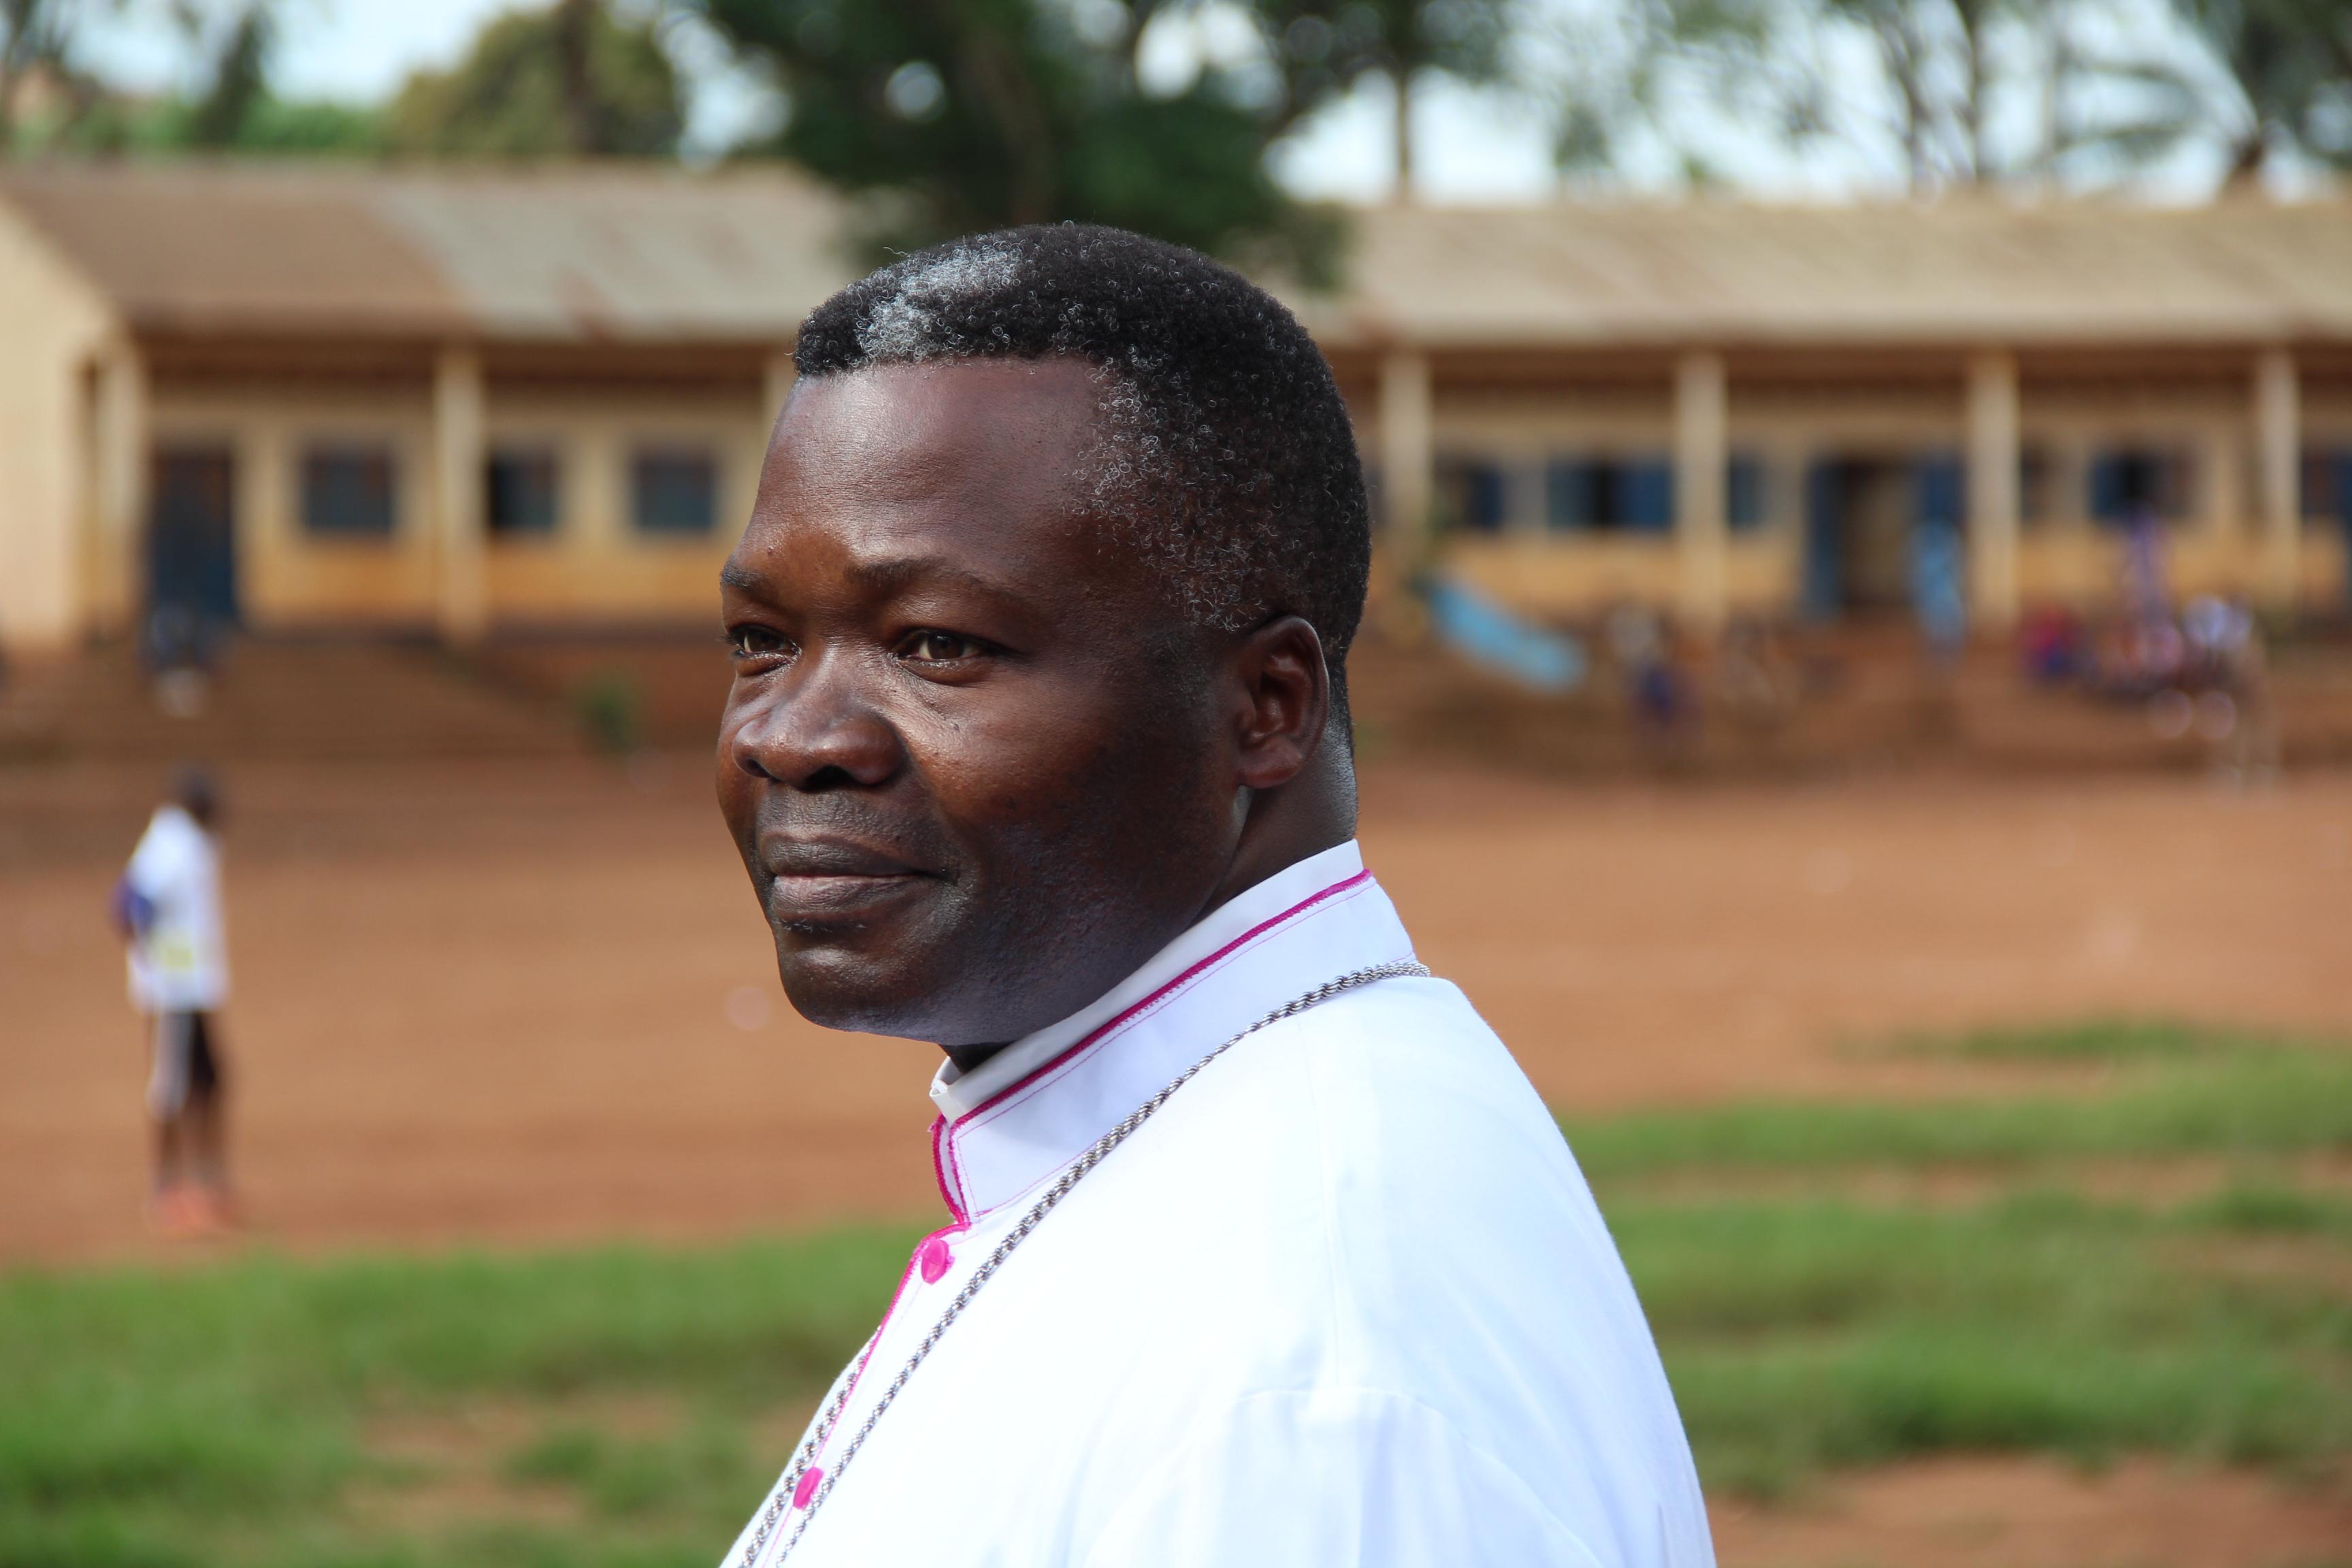 En el Congo se trabaja para acercar a los fieles al mensaje del Evangelio y recuperar fuerzas